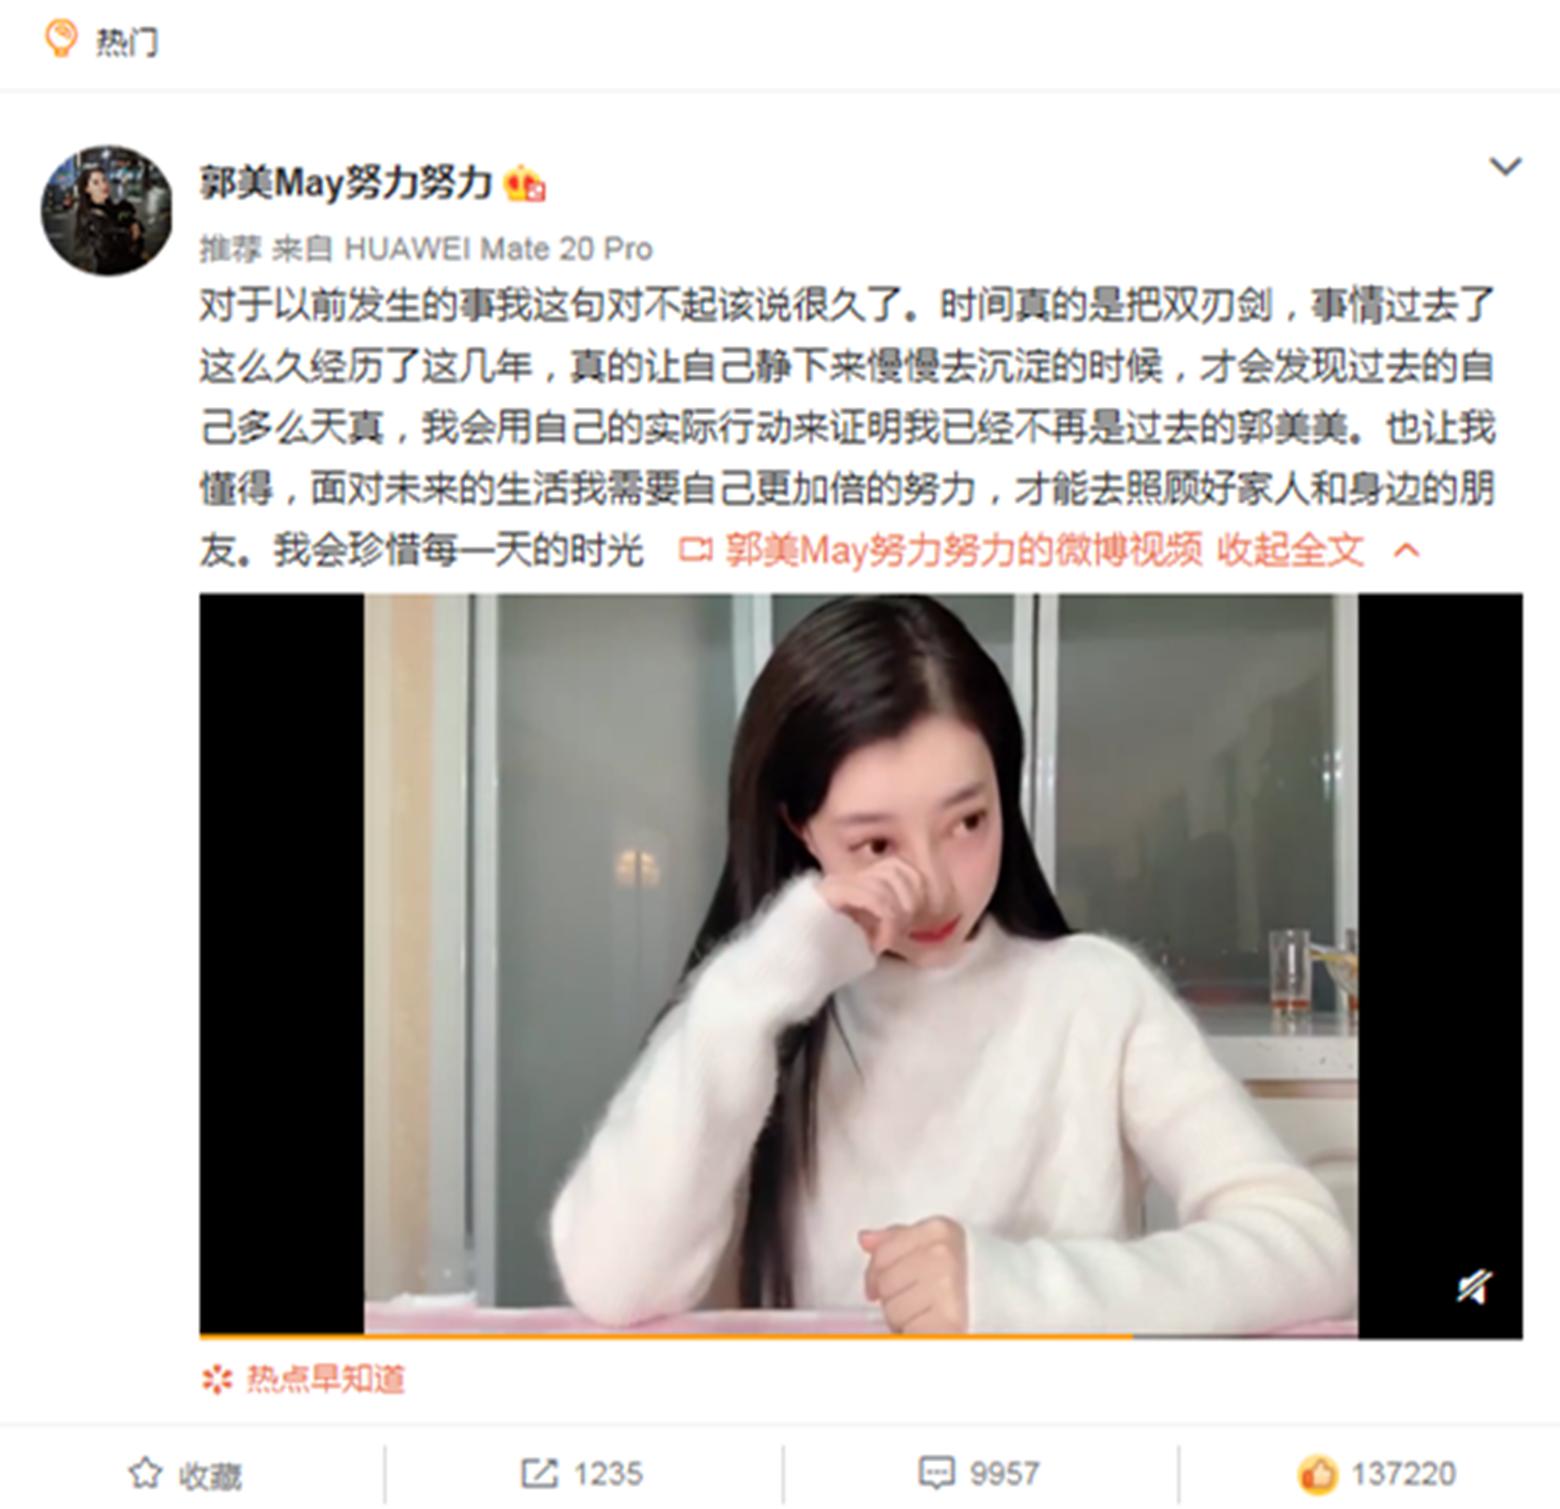 郭美美發布道歉視頻,承認當年的錯誤,哭泣懇求大家原諒